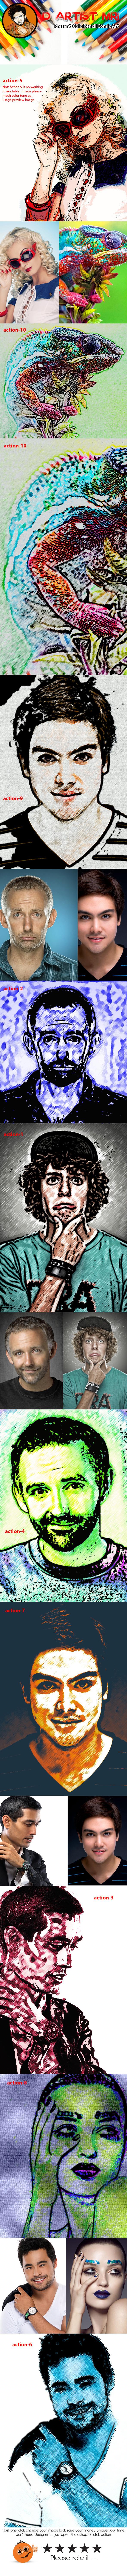 Colo Pencil Comic Art - Actions Photoshop